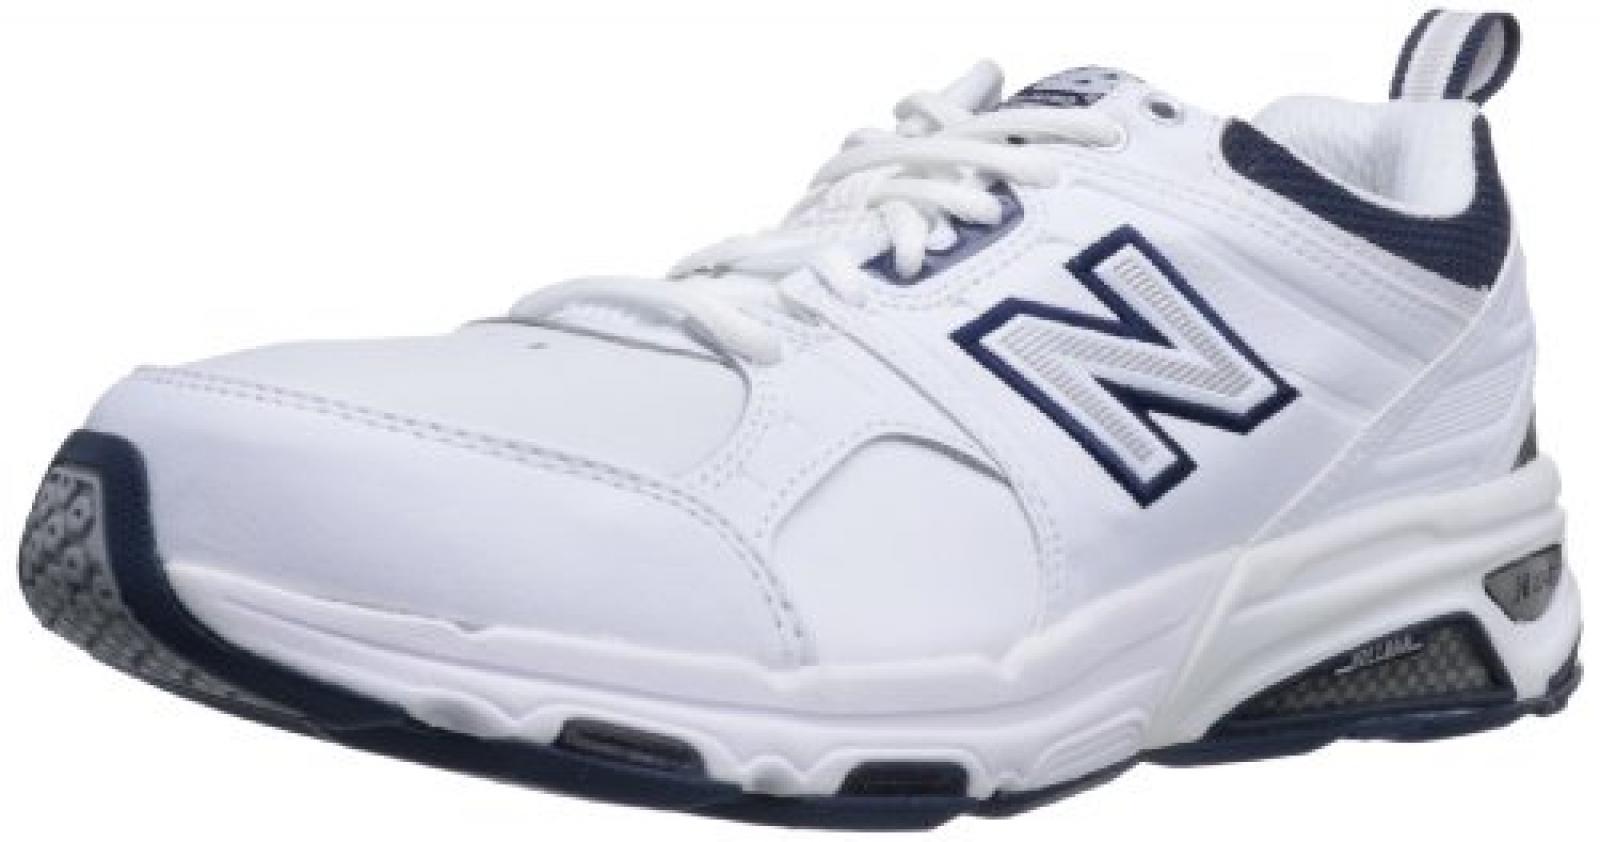 New Balance , Herren Laufschuhe, - White with Navy - Größe: 44